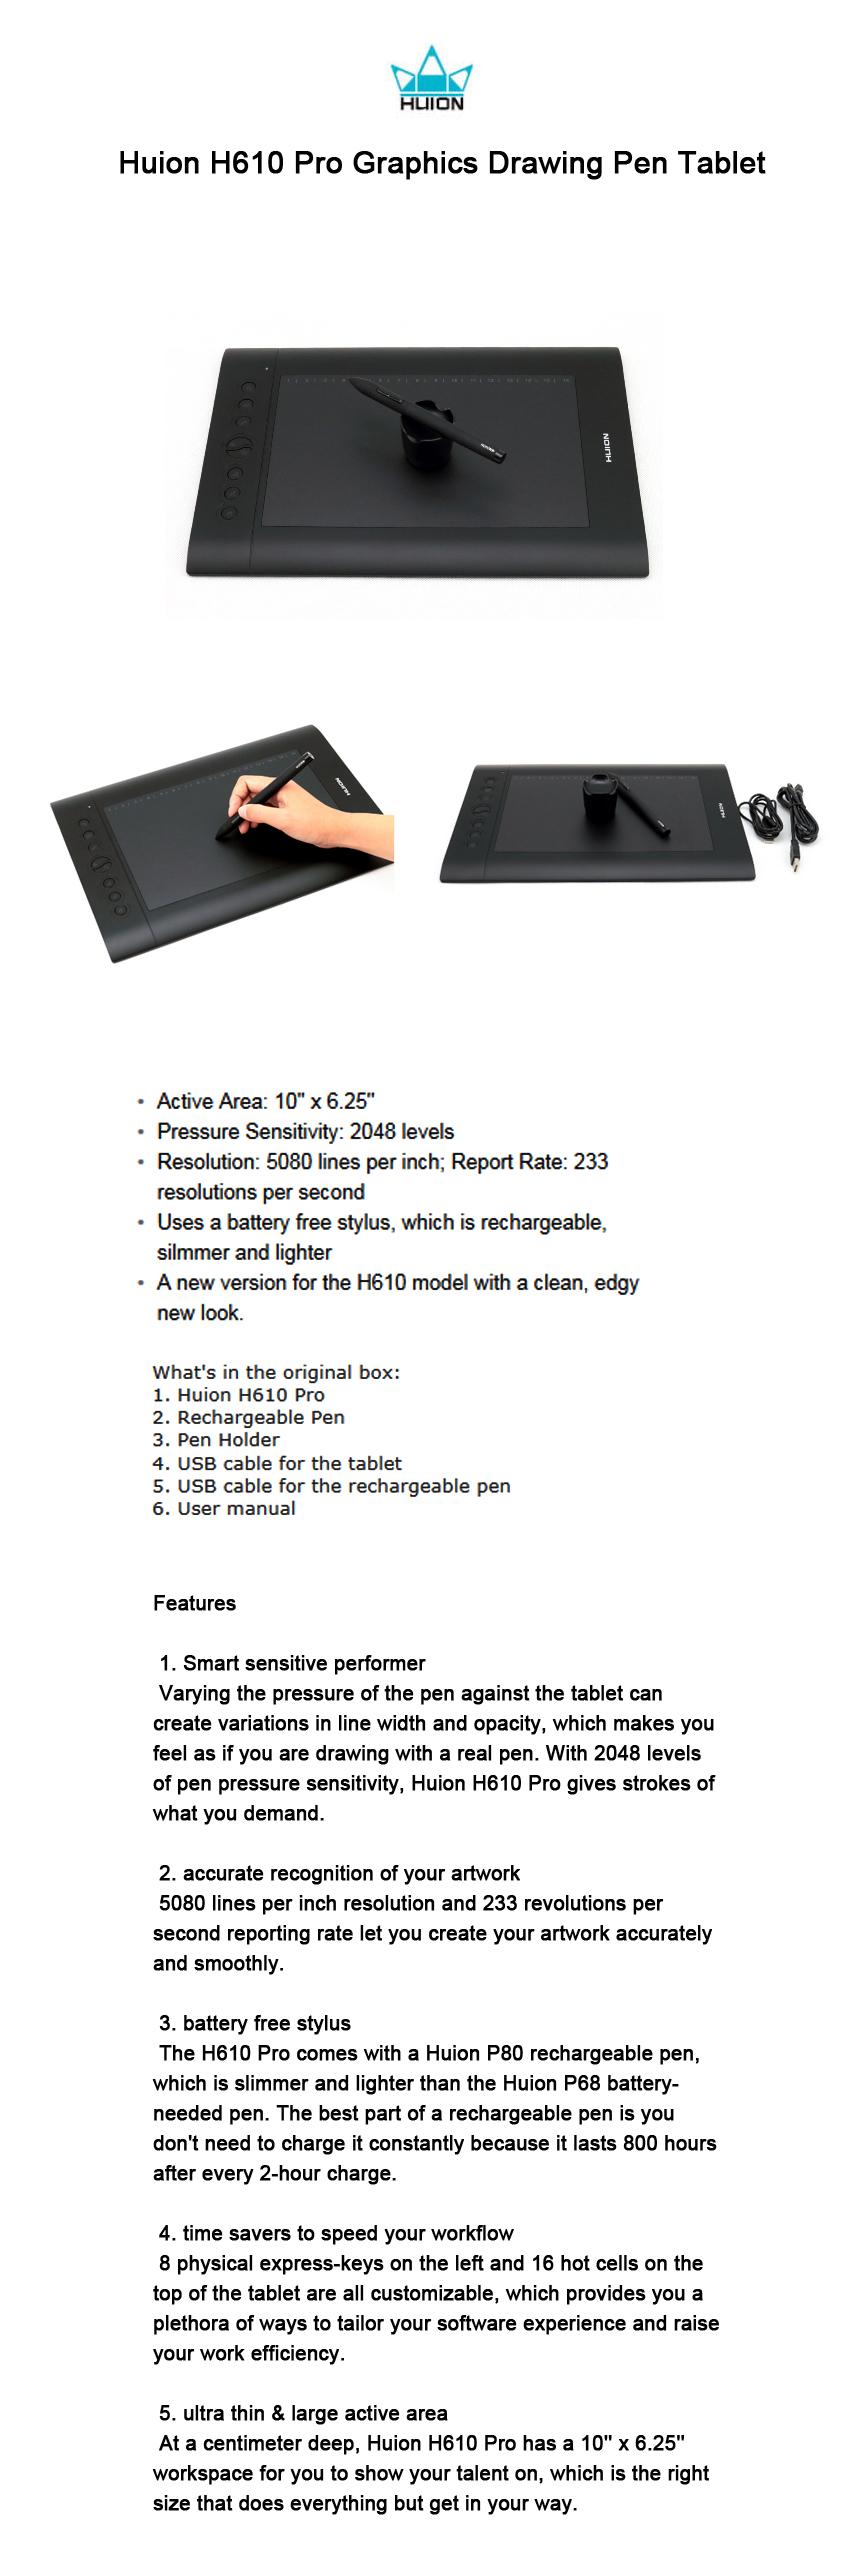 펜 태블릿/Huion H610 Pro Graphics Drawing Pen Tabl